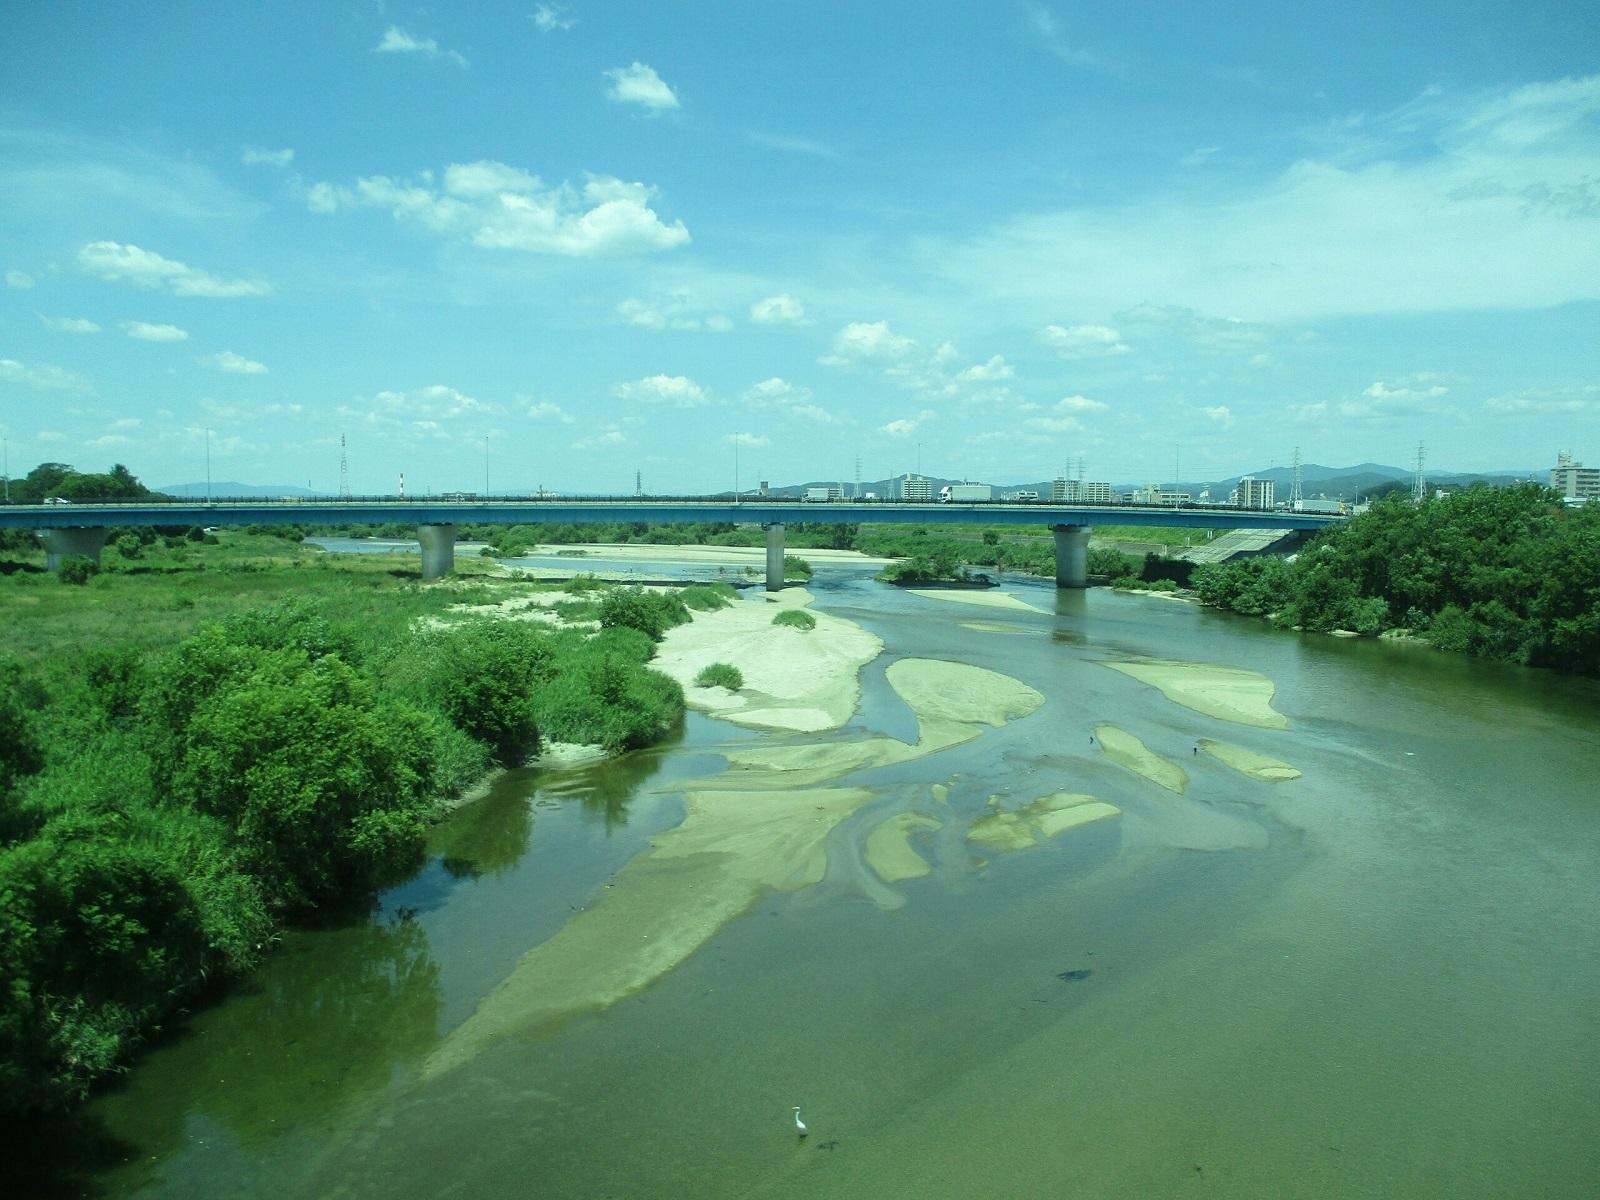 2018.7.23 (4) 東岡崎いきふつう - 矢作川をわたる 1600-1200